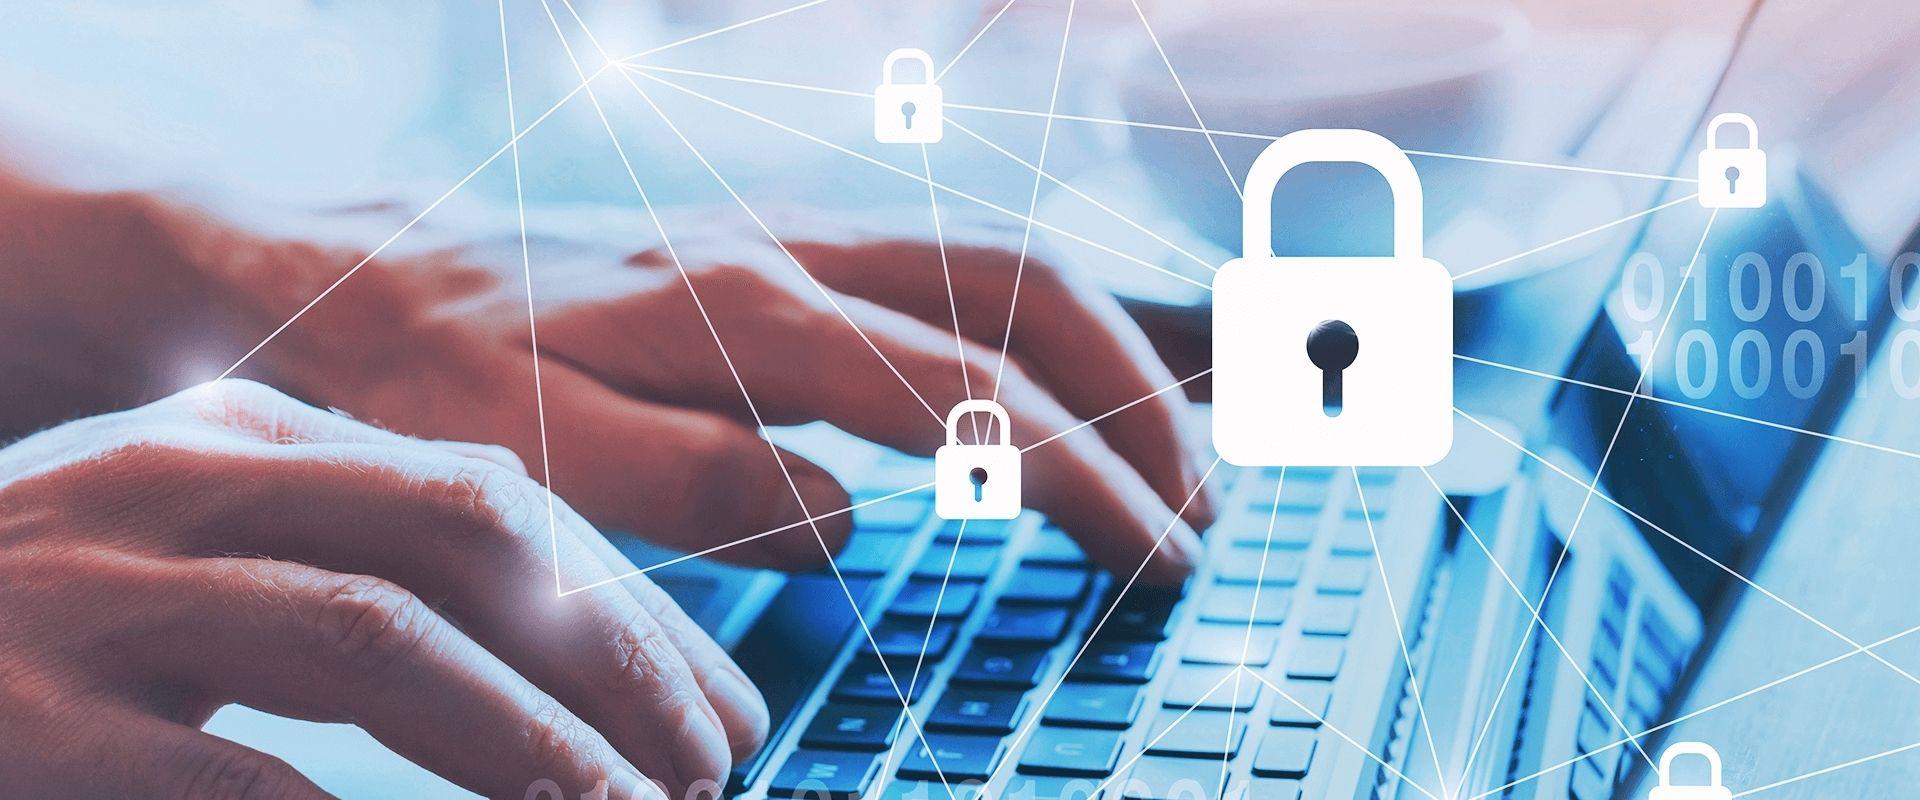 Porque a segurança da informação precisa ser ágil